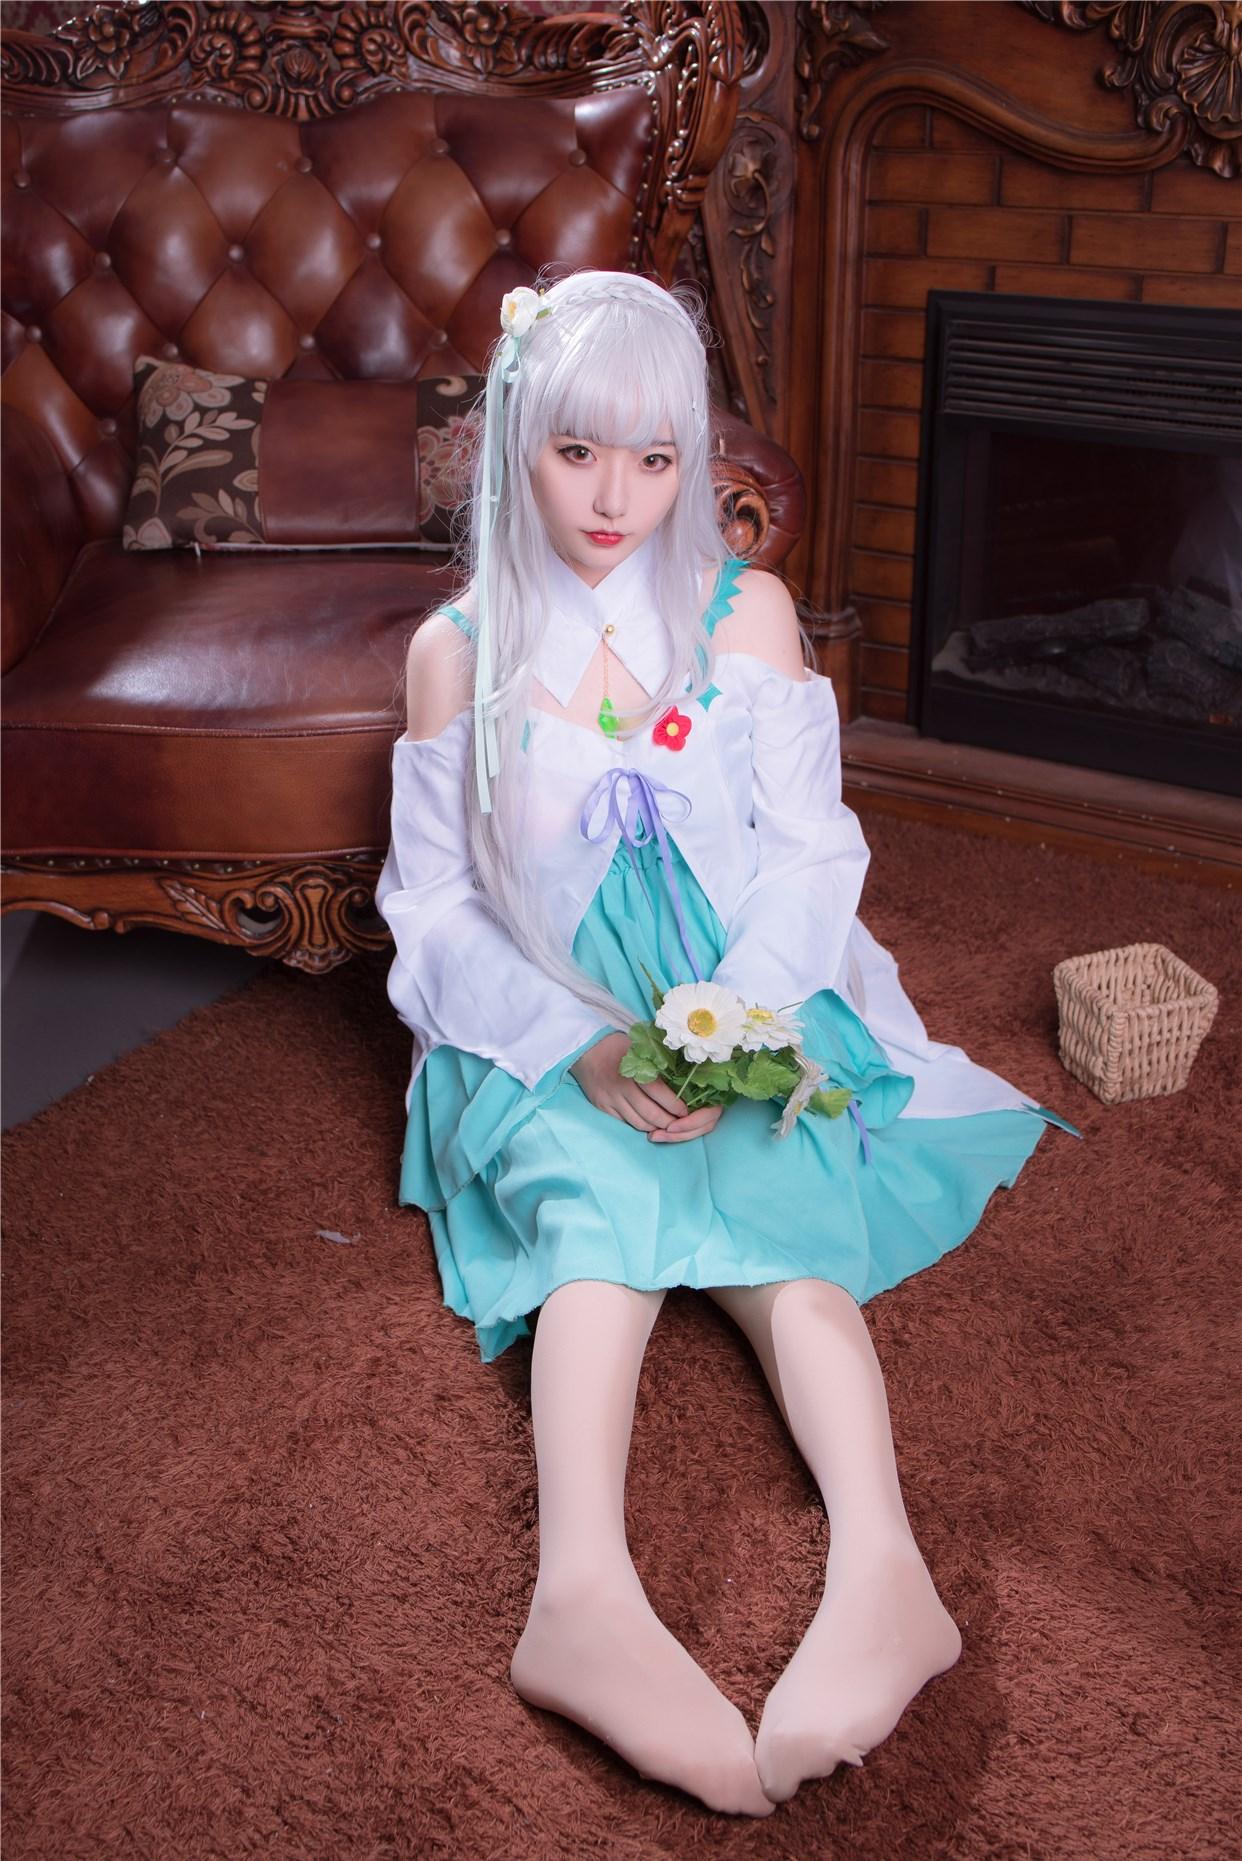 【兔玩映画】艾米莉亚的日常 兔玩映画 第22张